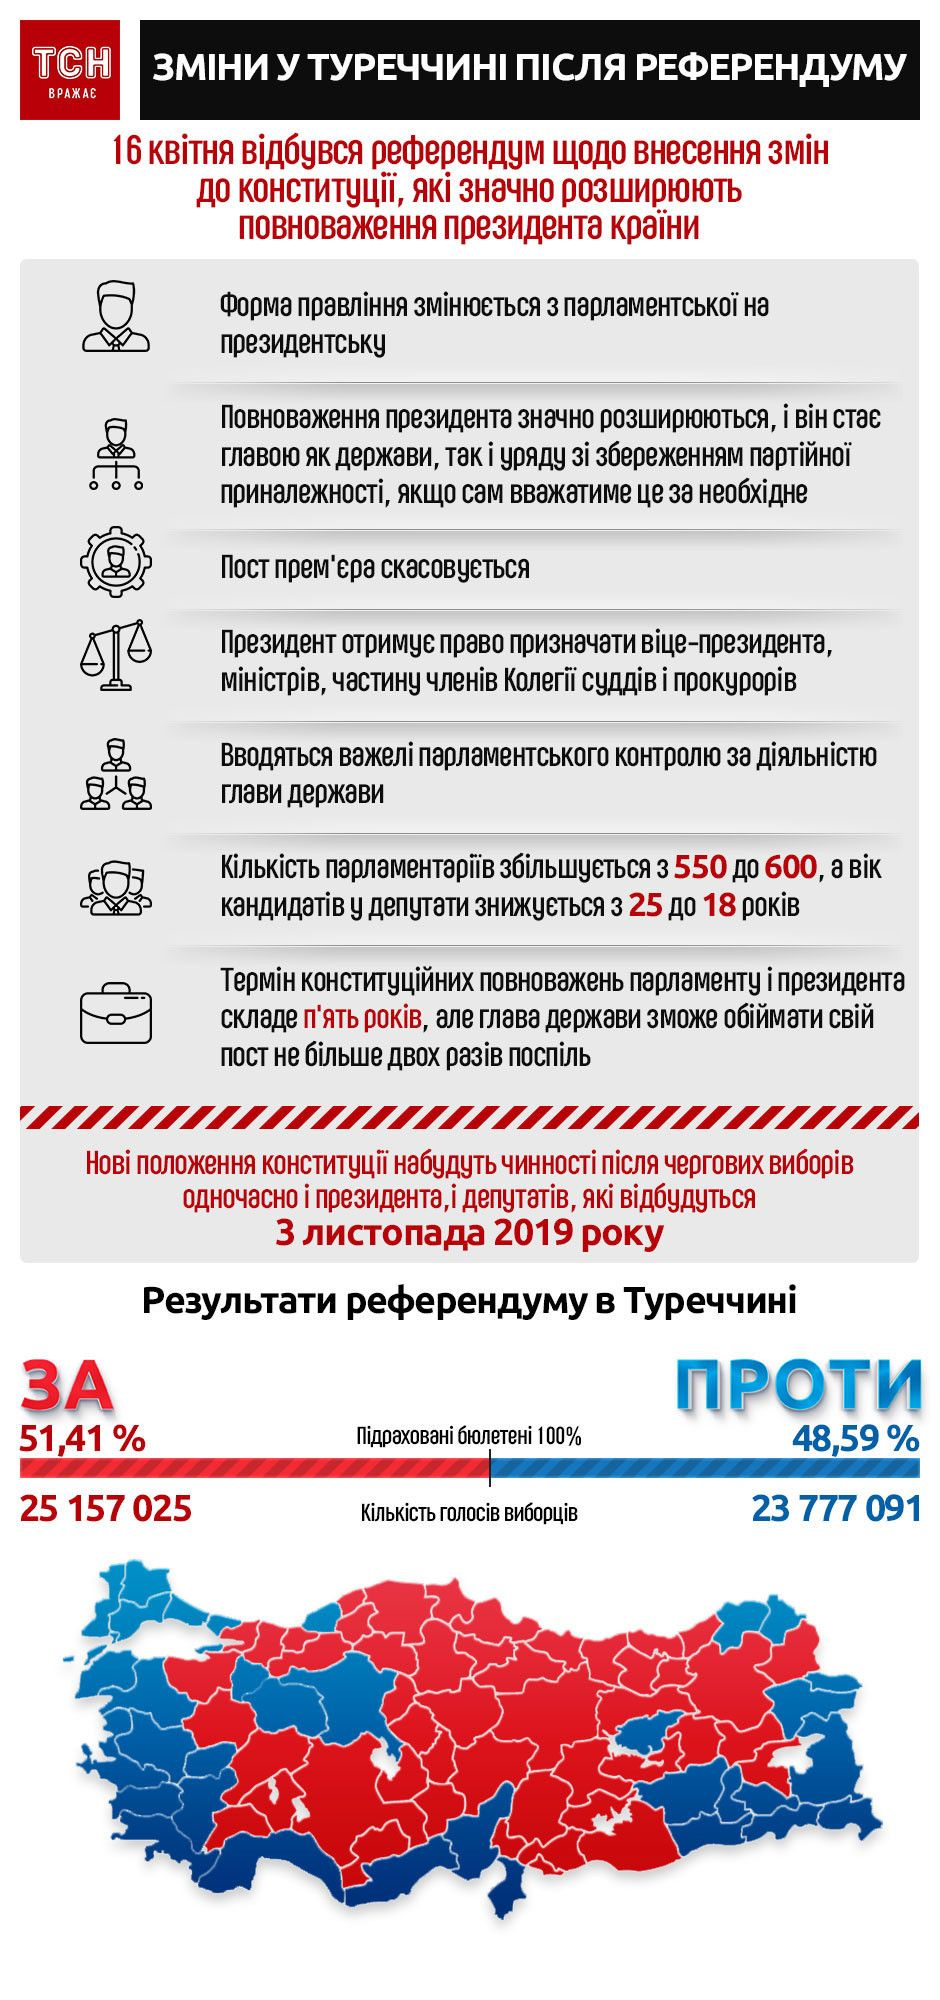 Референдум у Туреччині. Інфографіка